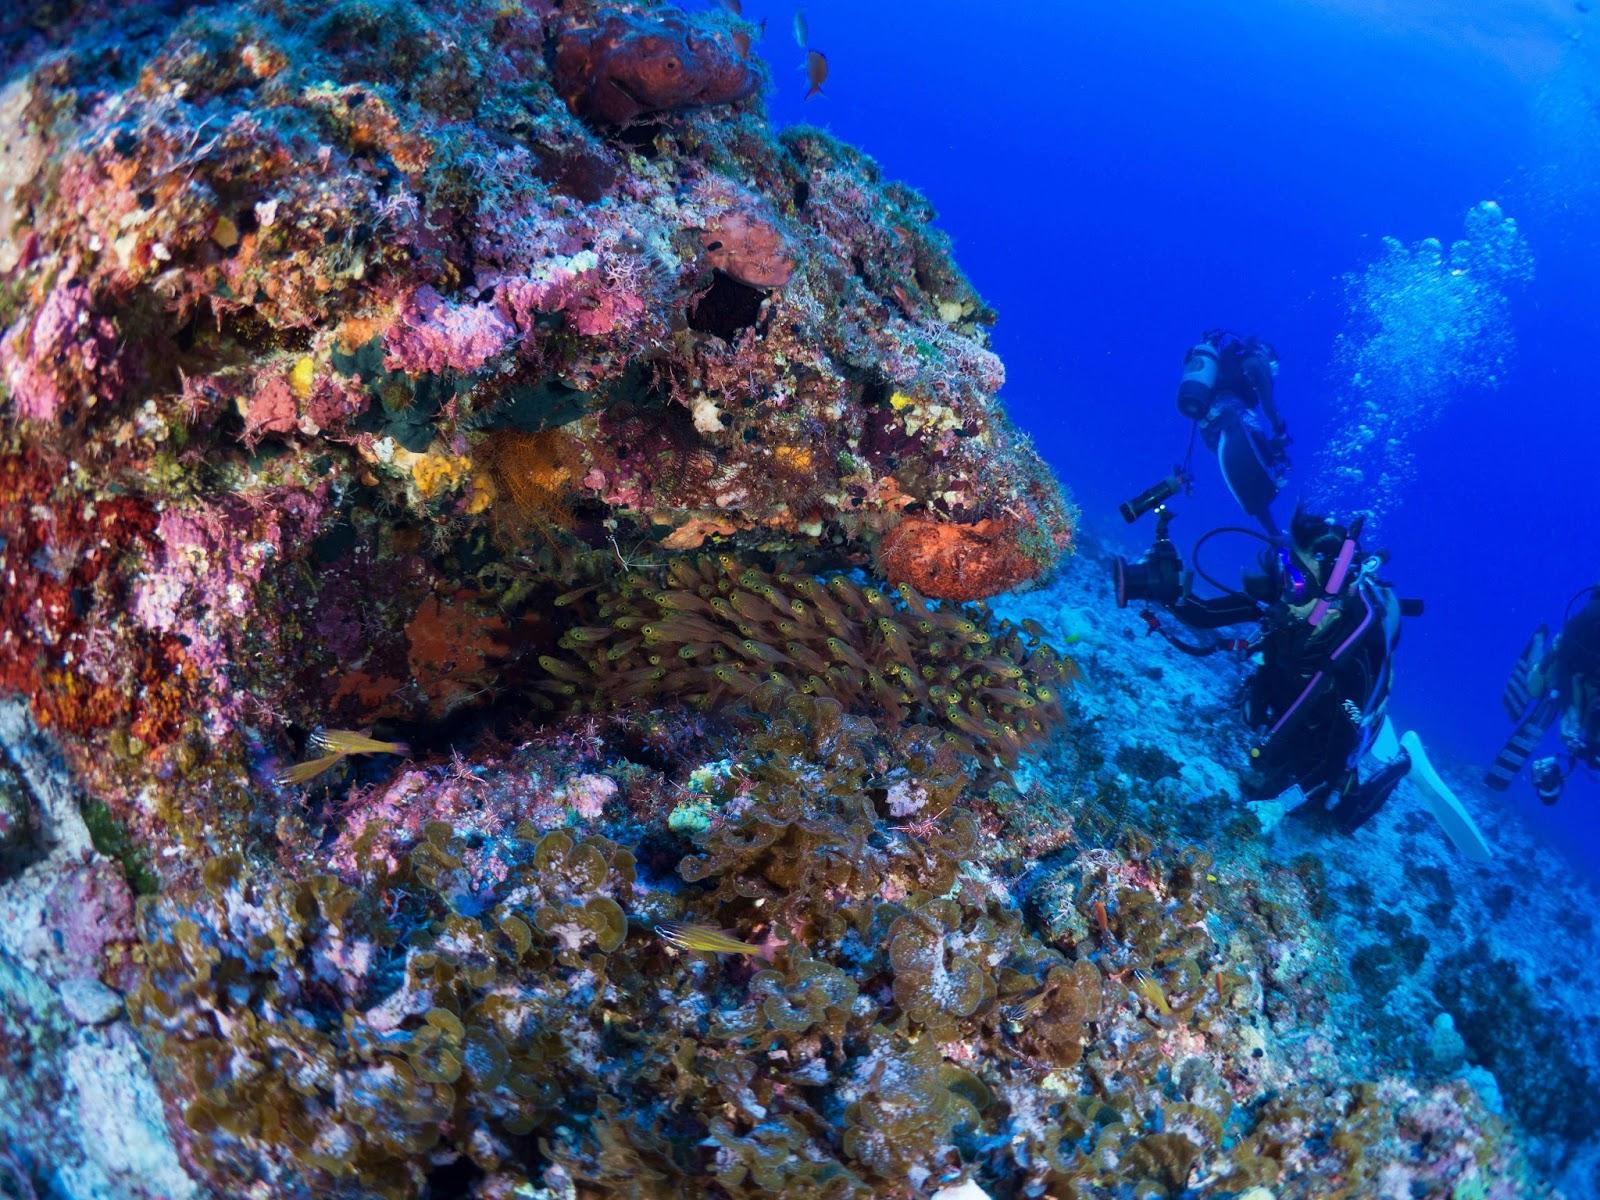 沖繩-沖繩潛水-沖繩浮潛-慶良間群島-座間味島-阿嘉島-渡嘉敷島-推薦-潛點-Okinawa-scuba-diving-snorkeling